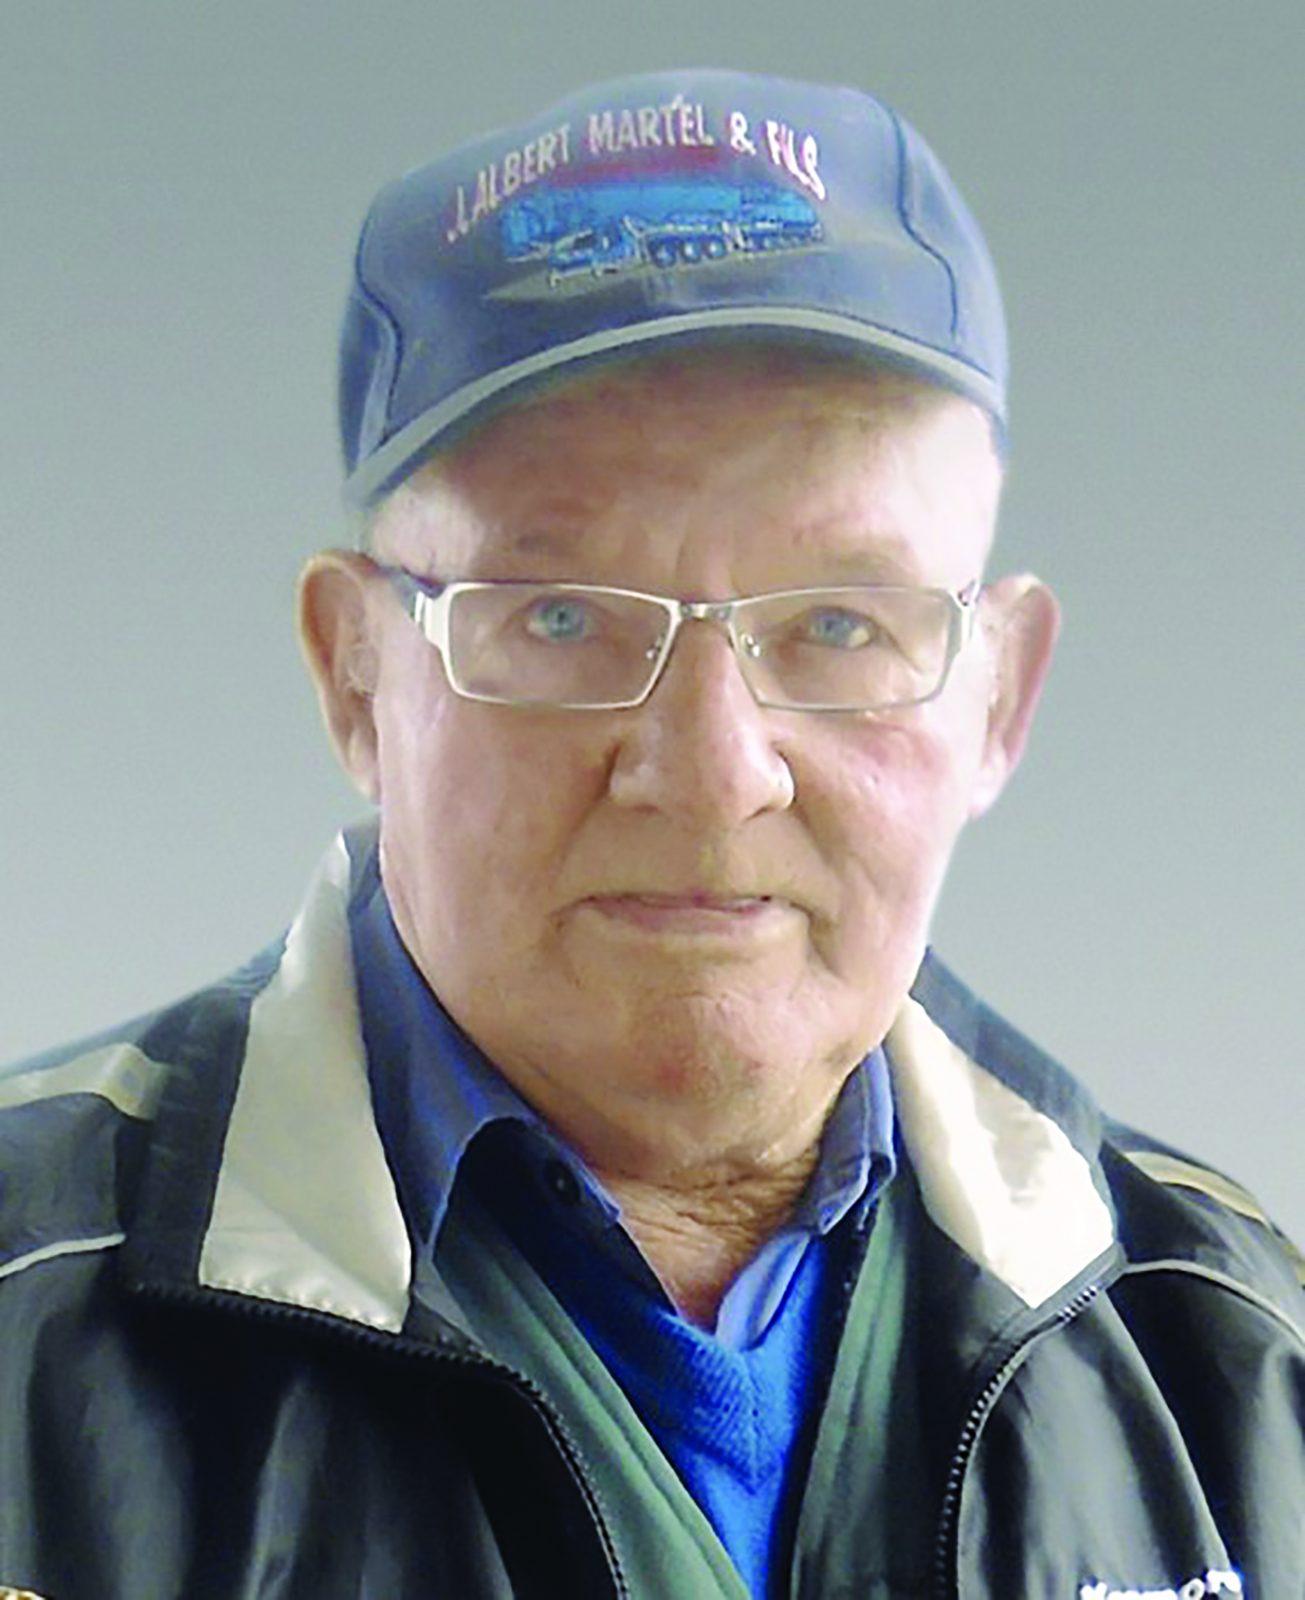 Oscar Girard